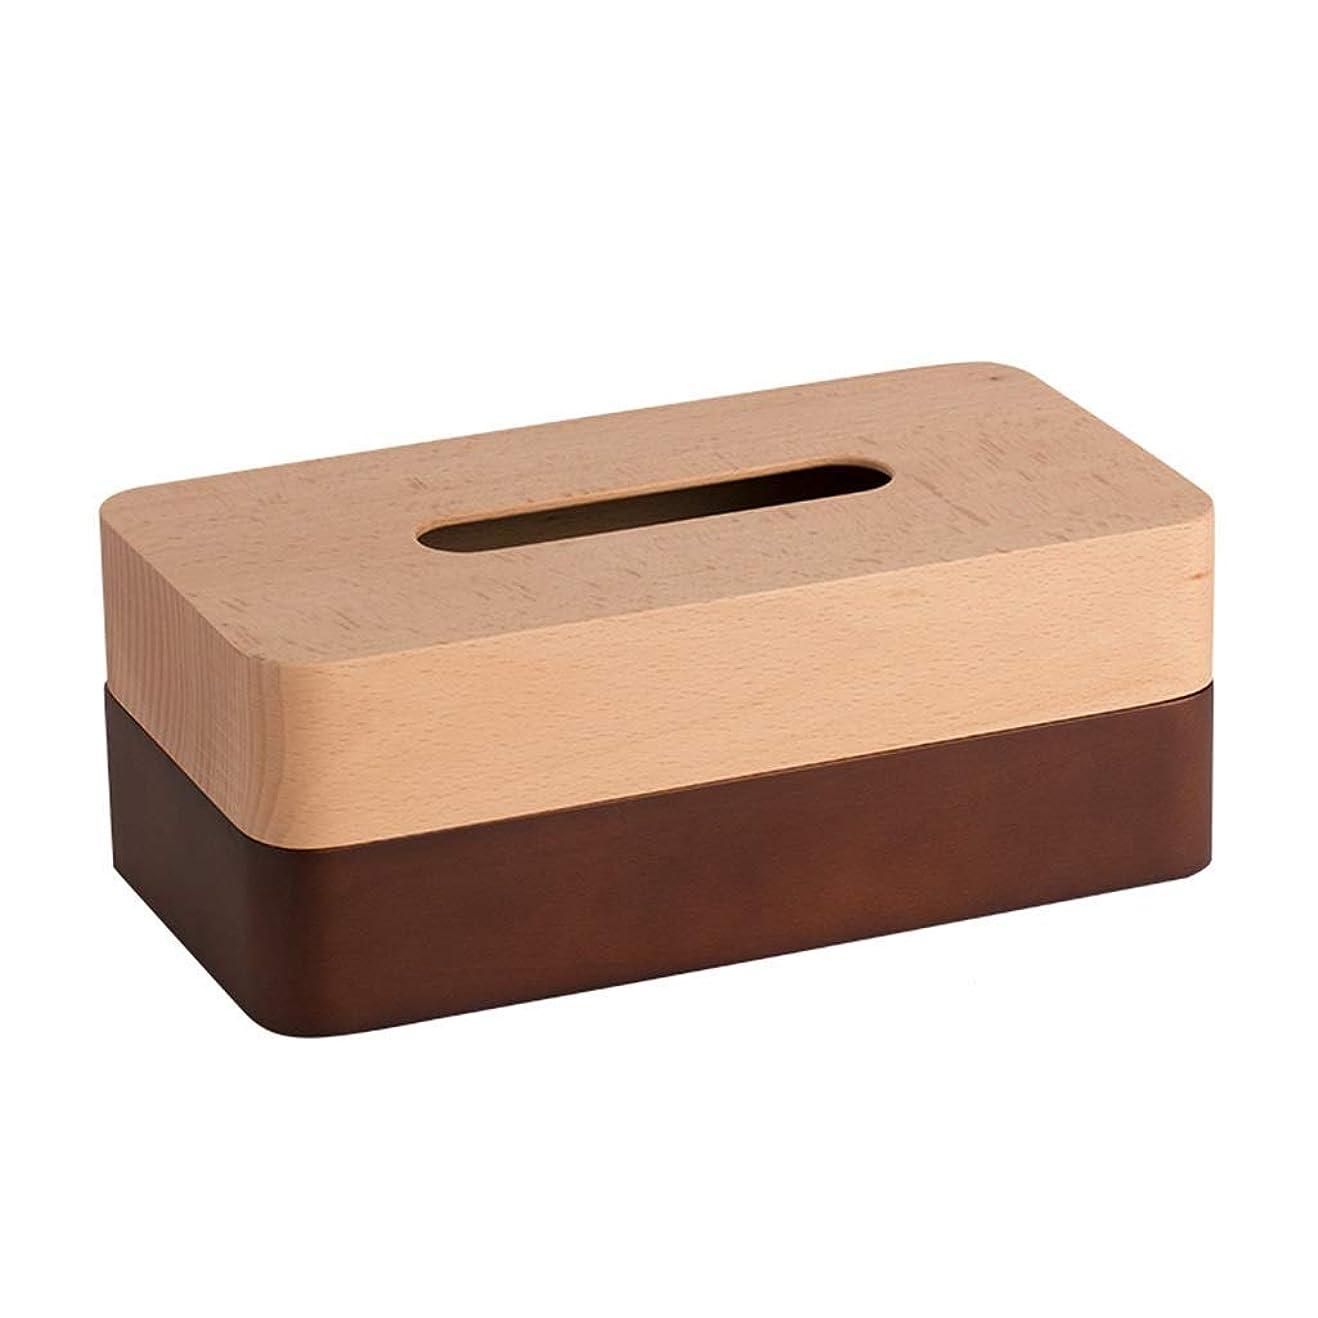 れるつまらないはっきりとZTT-TT ティッシュコンテナ 装飾デスクトップデコレーション木製ティッシュボックスリビングルームコーヒーテーブル家庭用トレイの贈り物(カラー:BROWN、サイズ:12.5 * 23.5 * 9CM / 4×9×3インチ) ボックス